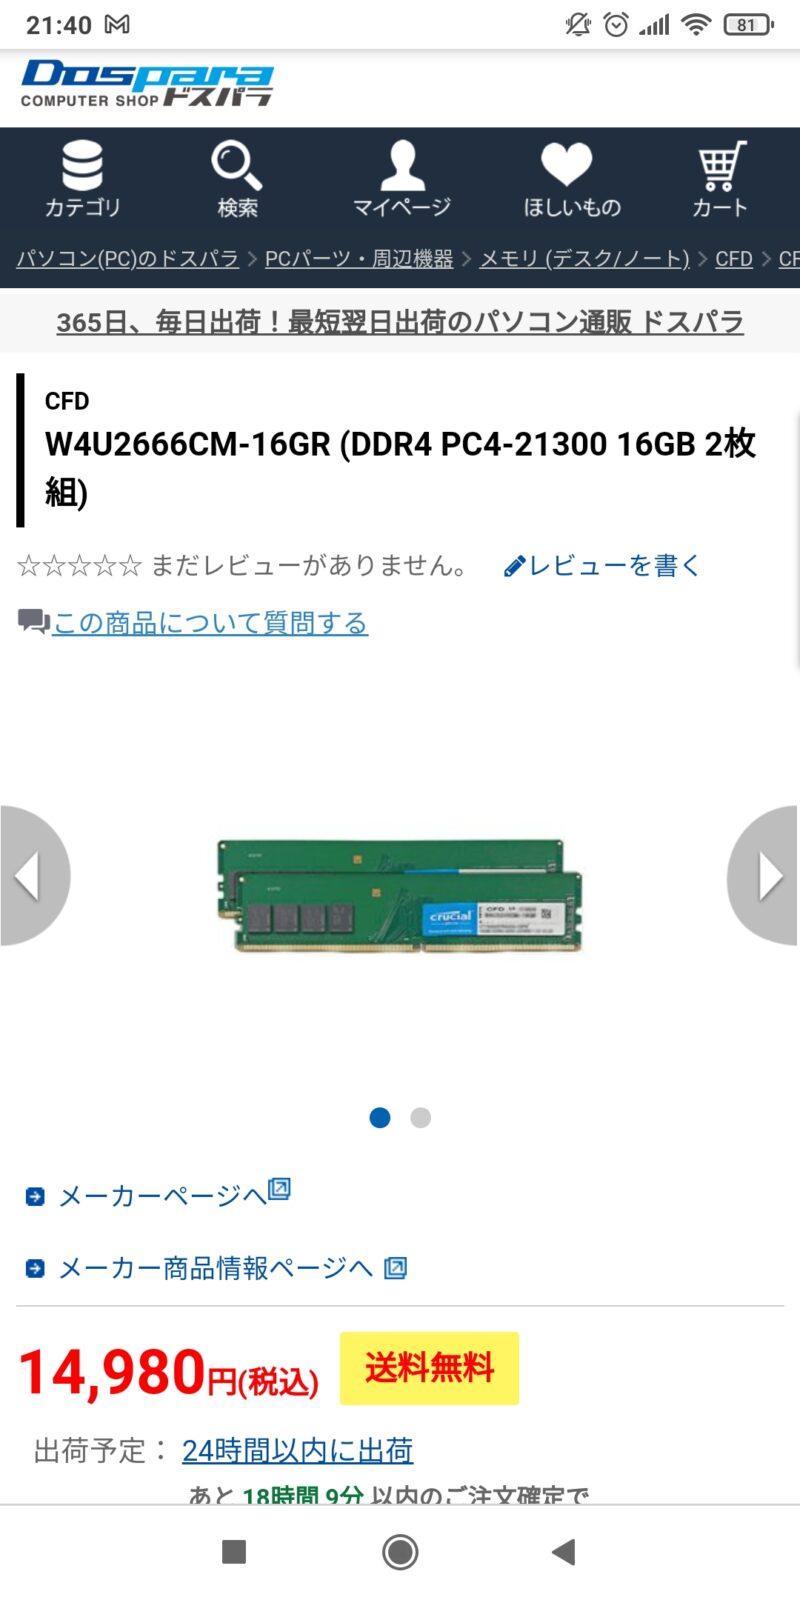 DDR4 PC4-21300 16GBx2